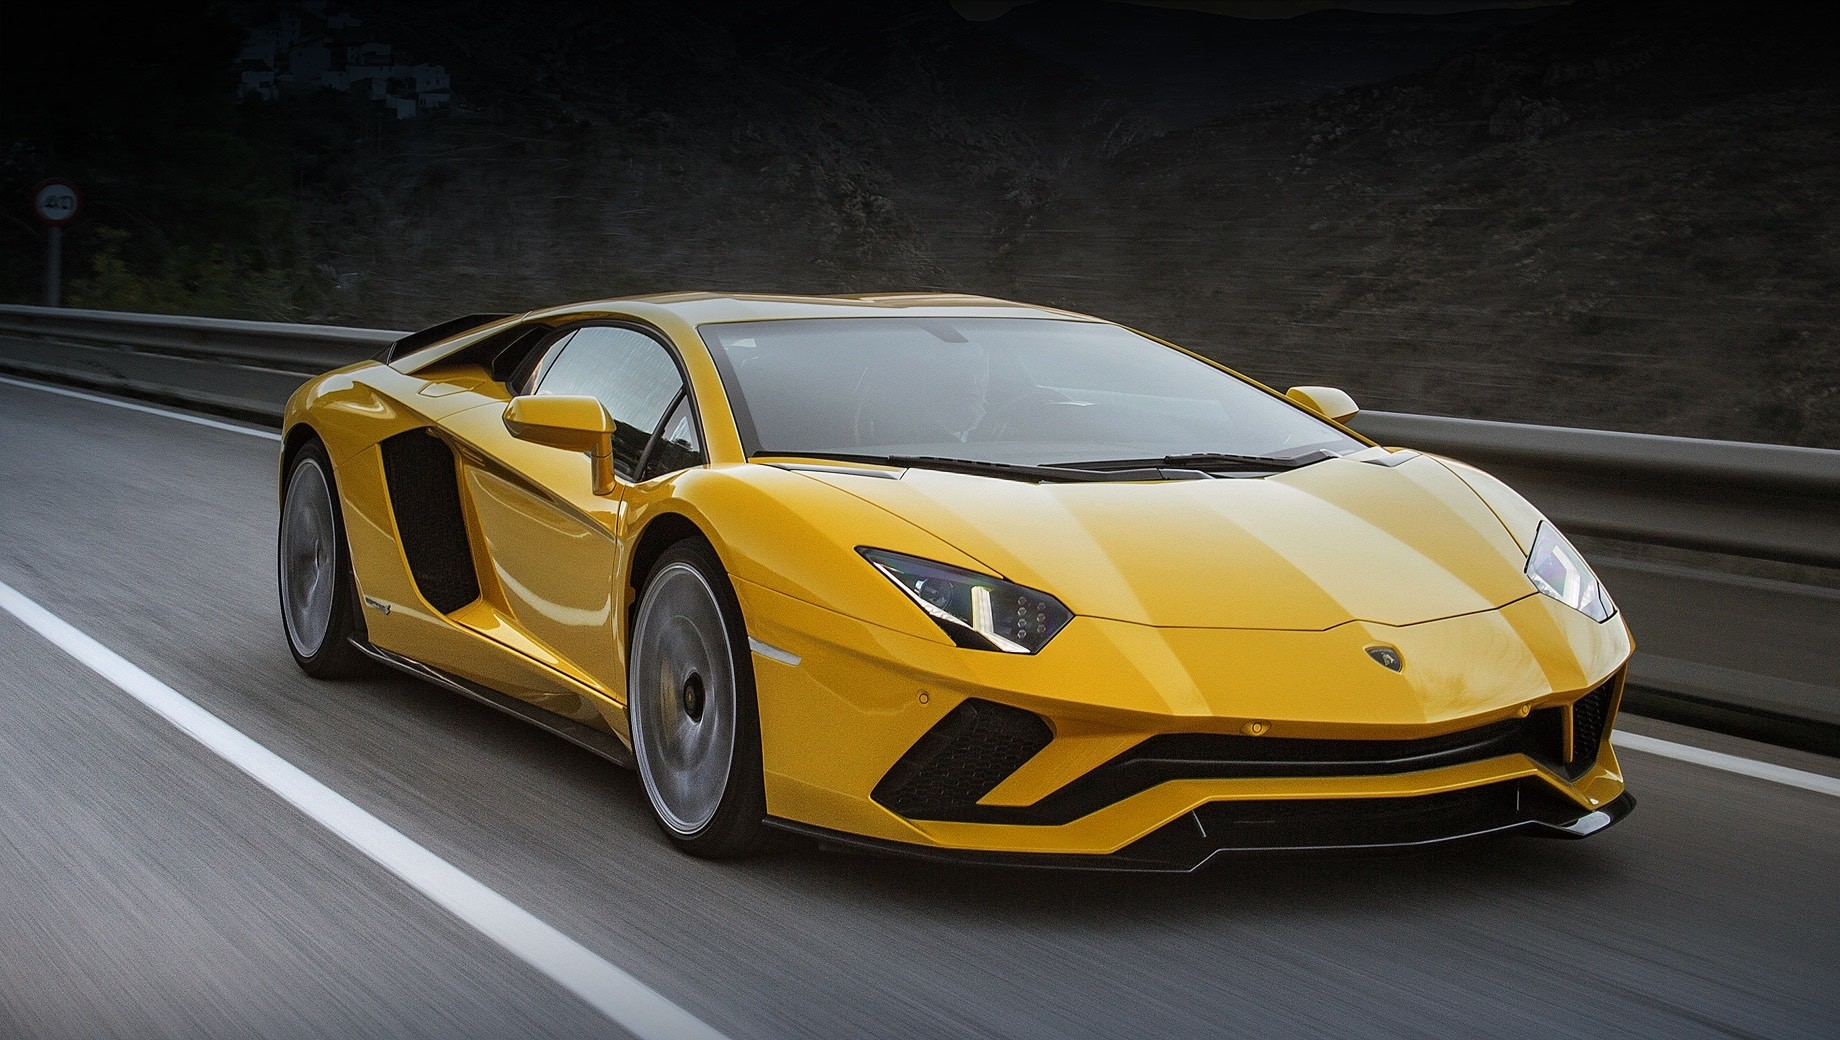 Lamborghini aventador. Как и нынешняя двухдверка Lamborghini Aventador S, её преемник получит атмосферный двигатель V12 и полноприводную трансмиссию. Новым звеном в силовом агрегате значатся электромоторы.